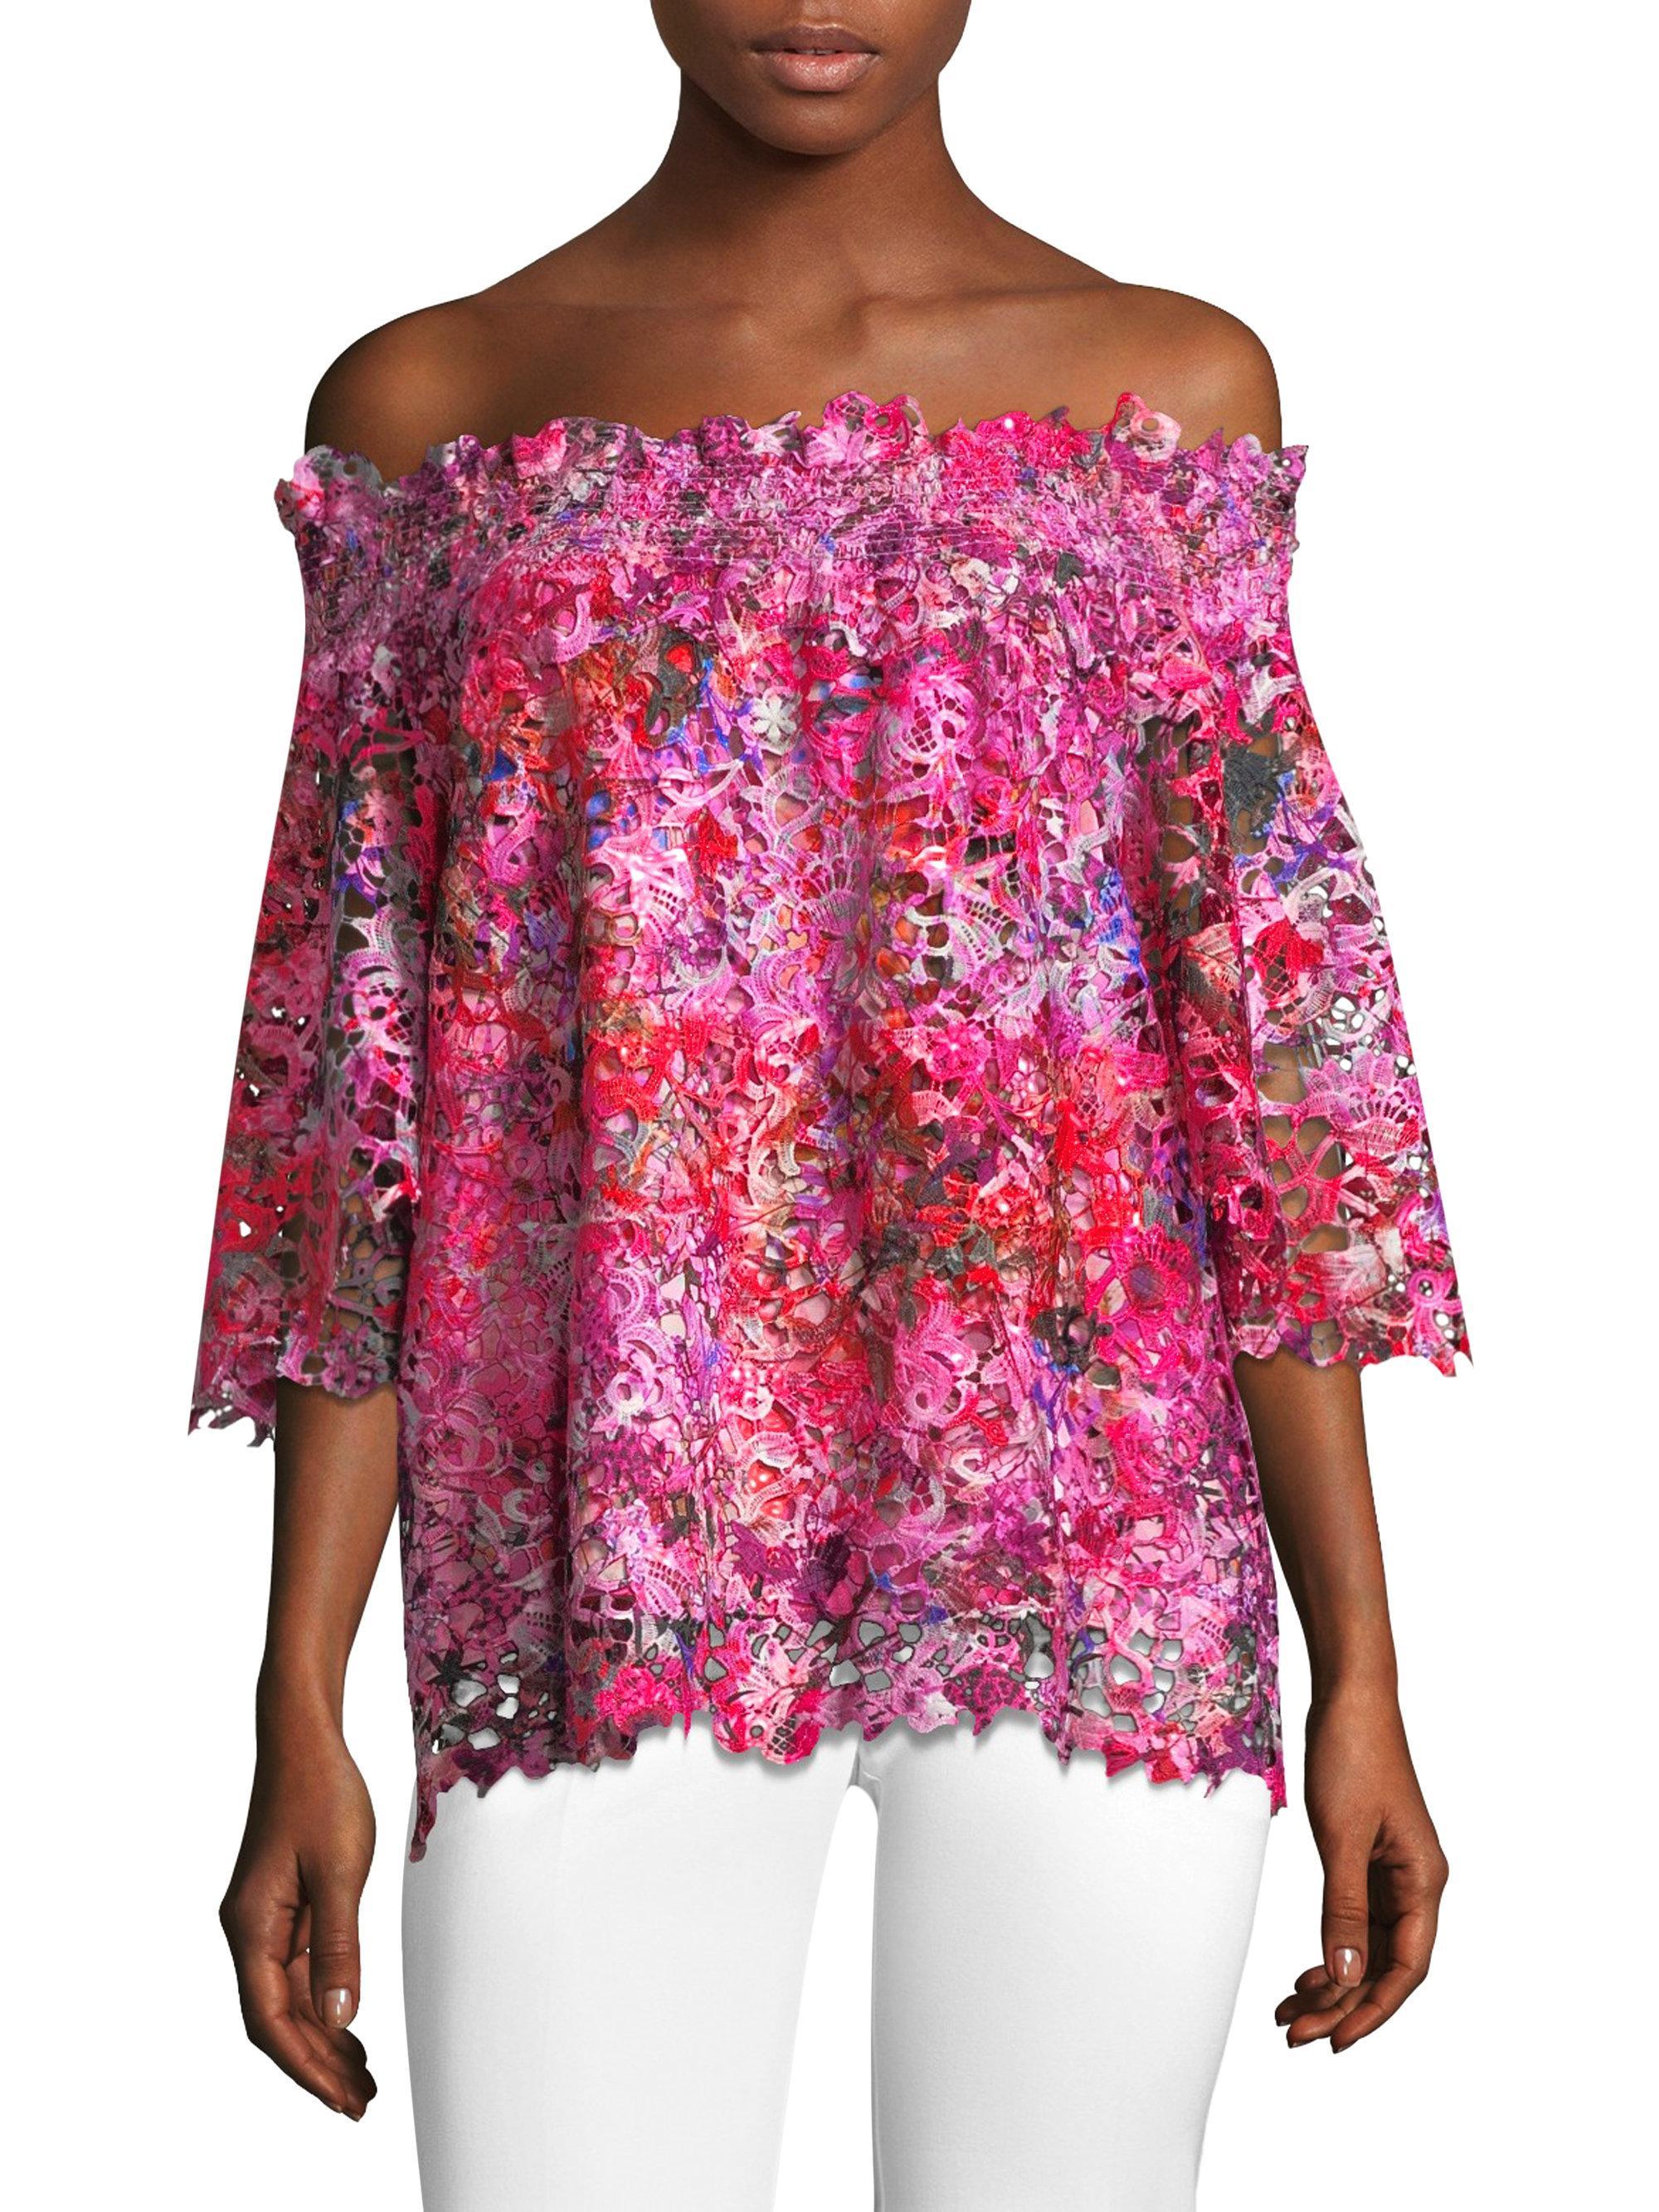 Pink Flower Blouse Lauren Goss